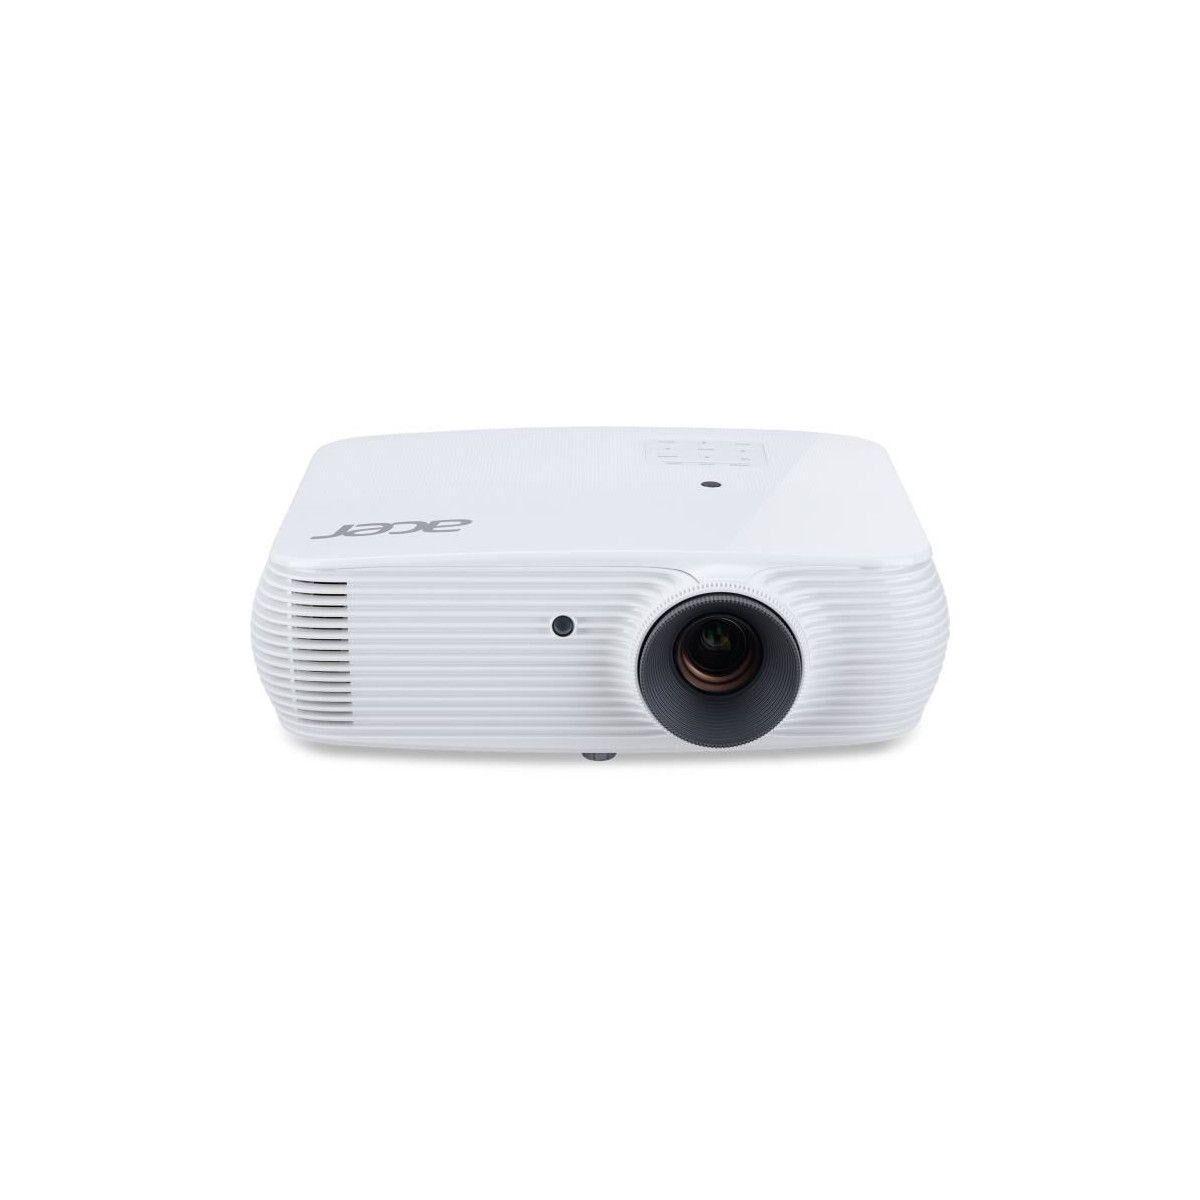 ACER H5382BD Videoprojecteur HD 720p - DLP - 3 300 ANSI Lumens - Blanc